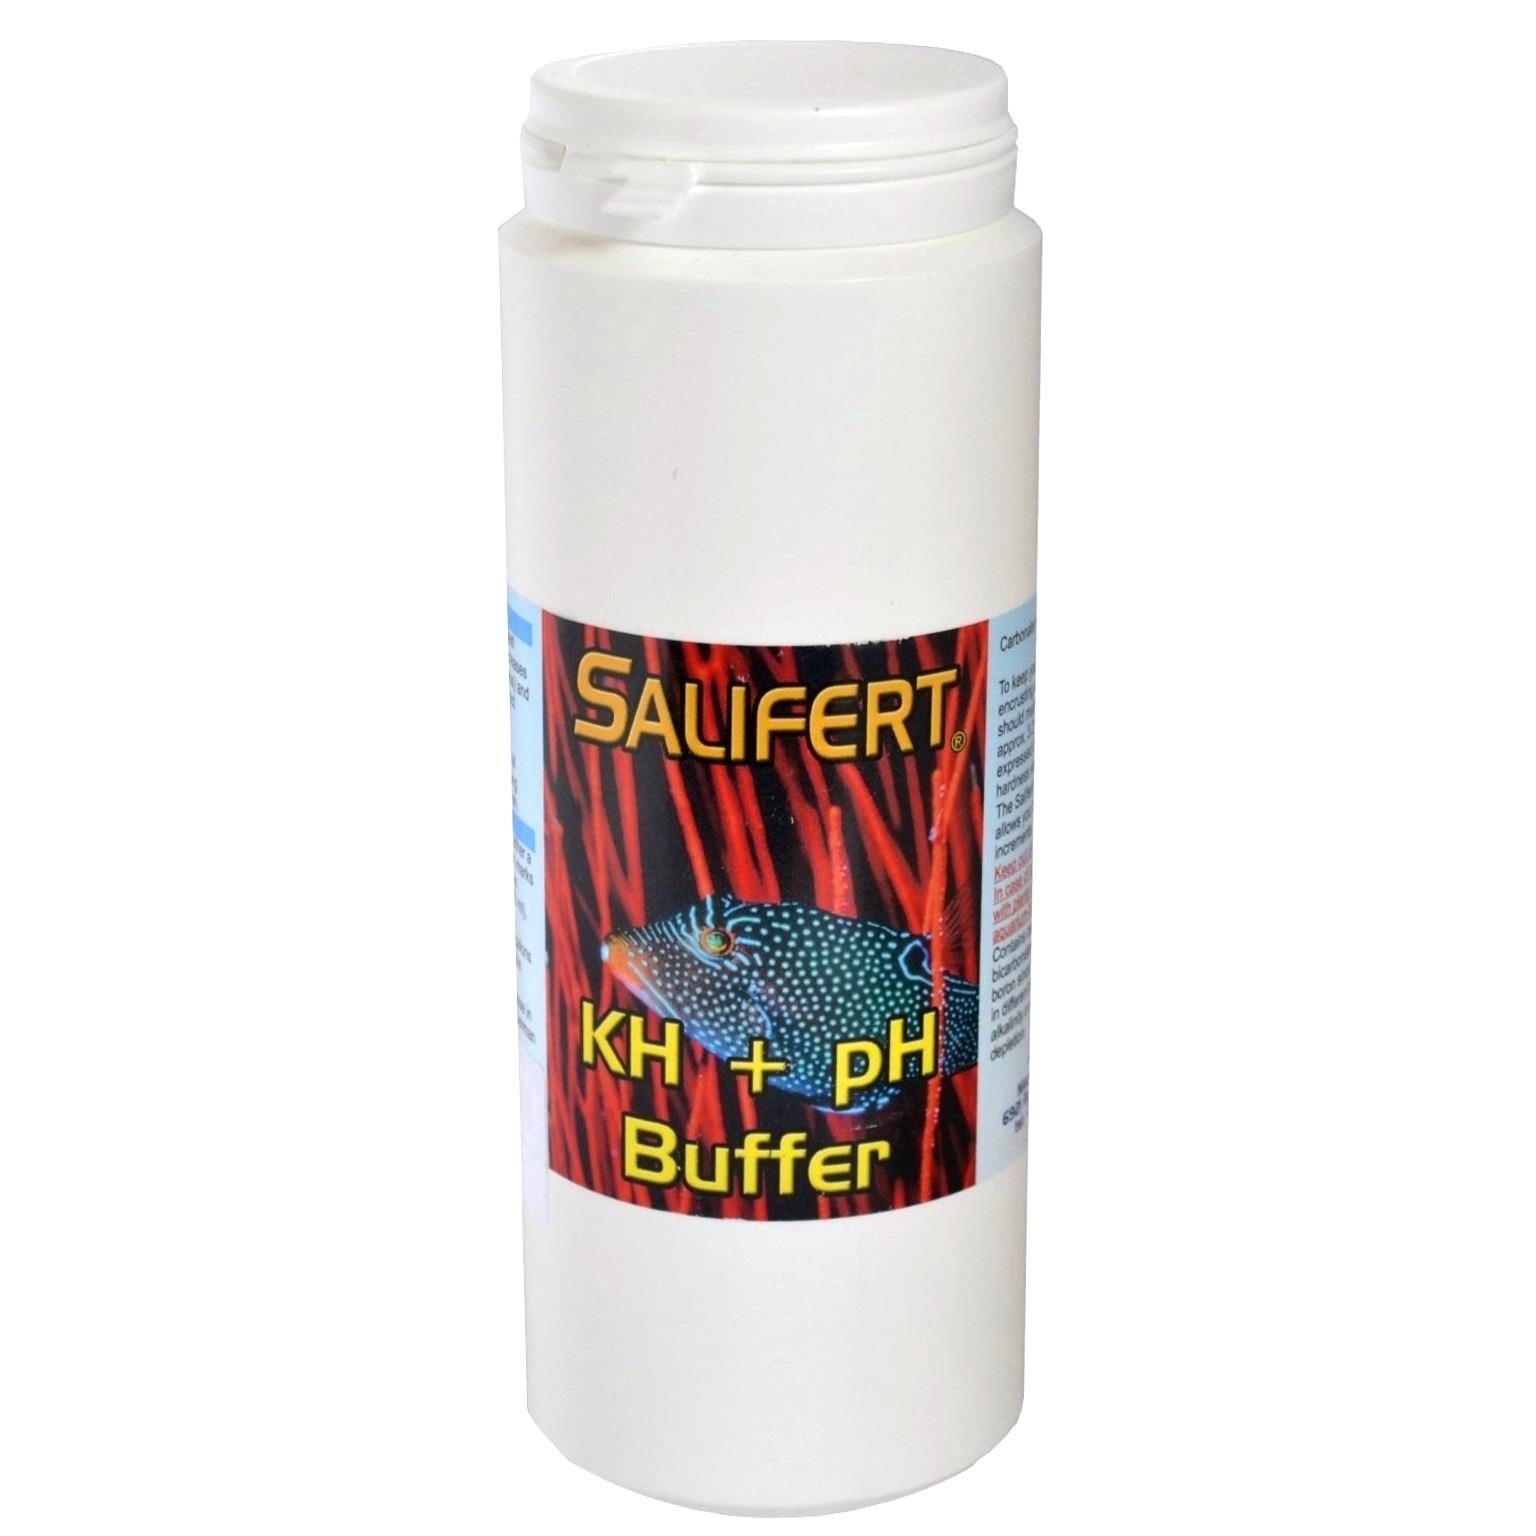 SALIFERT Kh + pH Buffer 500 ml augmente dureté carbonatée et stabilise le pH à la valeur correcte